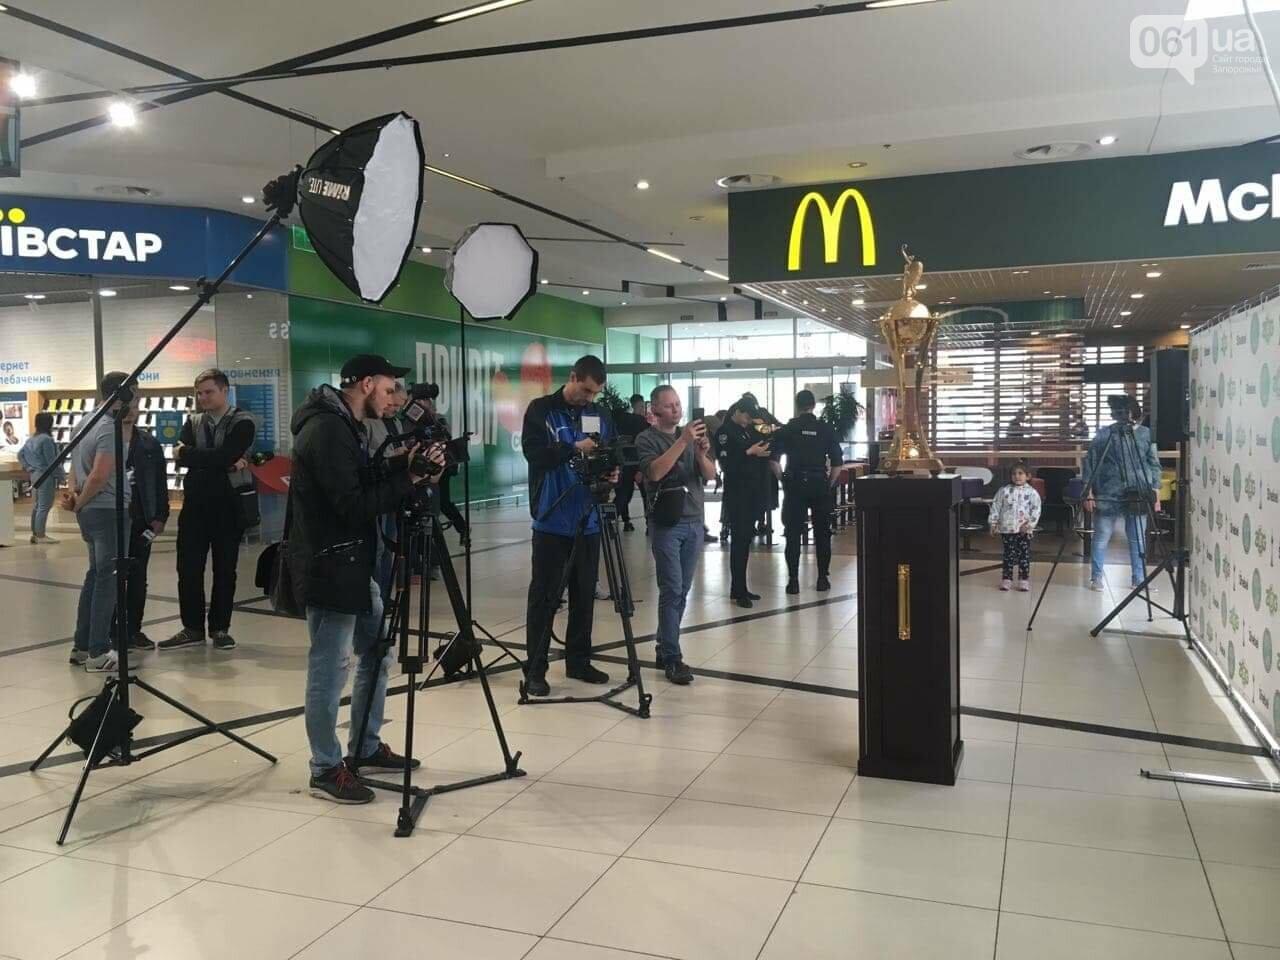 Главный футбольный трофей страны выставили в запорожском торговом центре, - ФОТО, фото-3